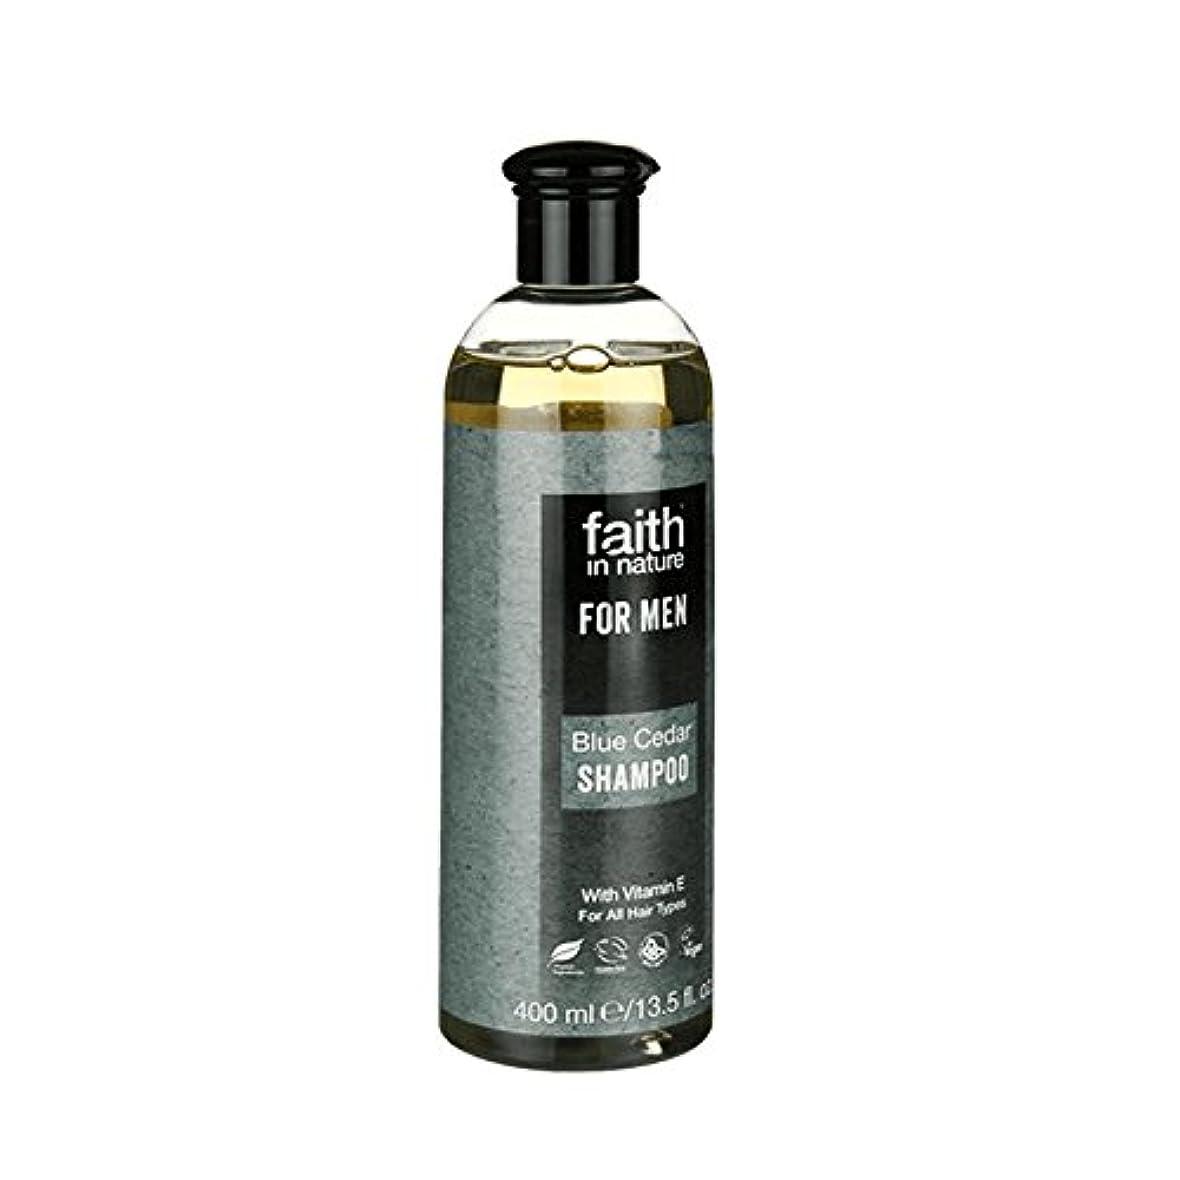 研磨剤馬力強調するFaith in Nature for Men Blue Cedar Shampoo 400ml (Pack of 6) - 男性青杉のシャンプー400ミリリットルのための自然の中で信仰 (x6) [並行輸入品]